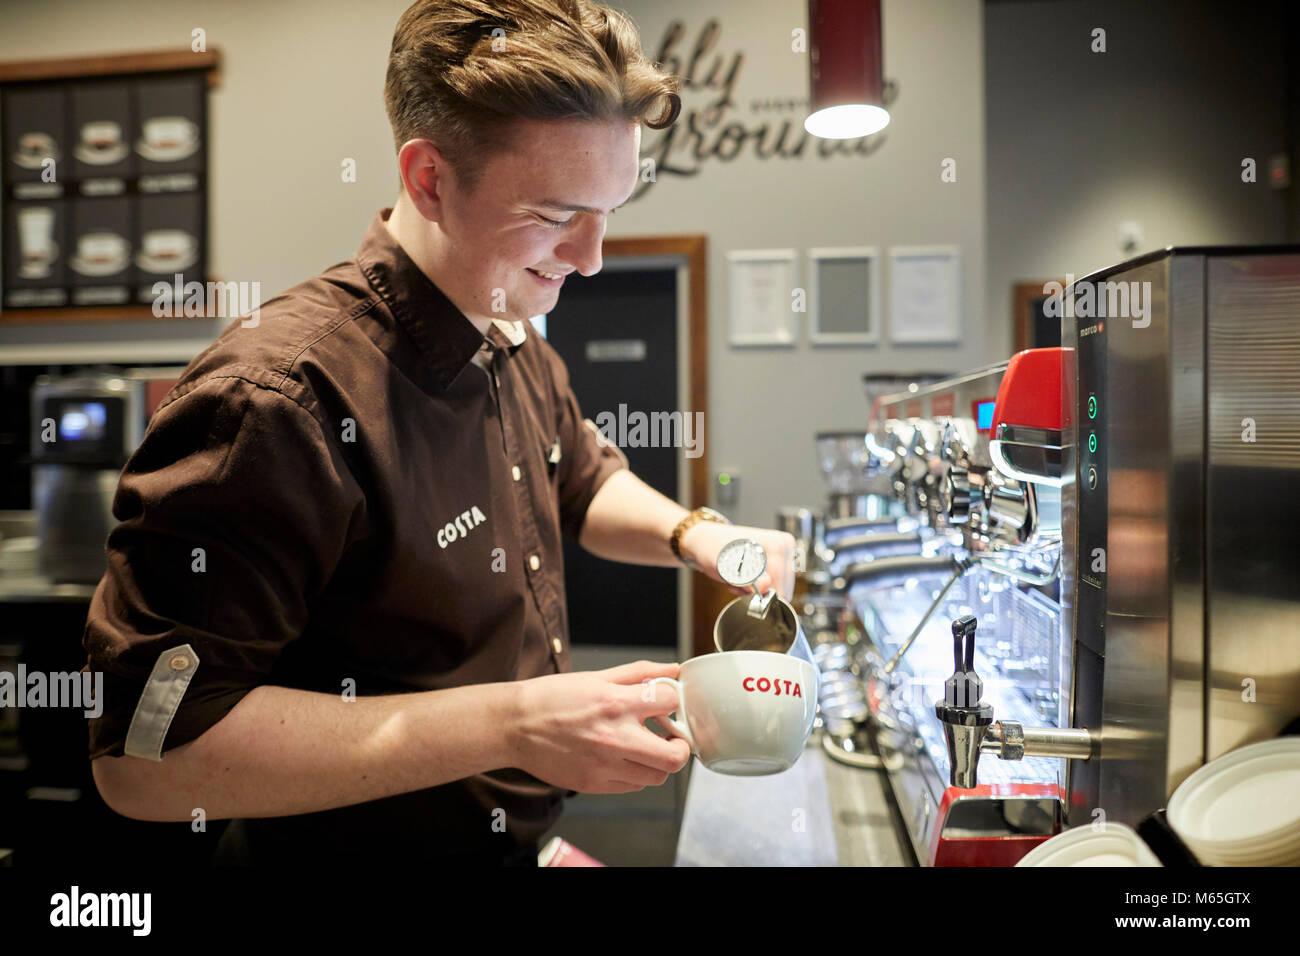 Costa Coffee shop lavoratore in negozio Immagini Stock